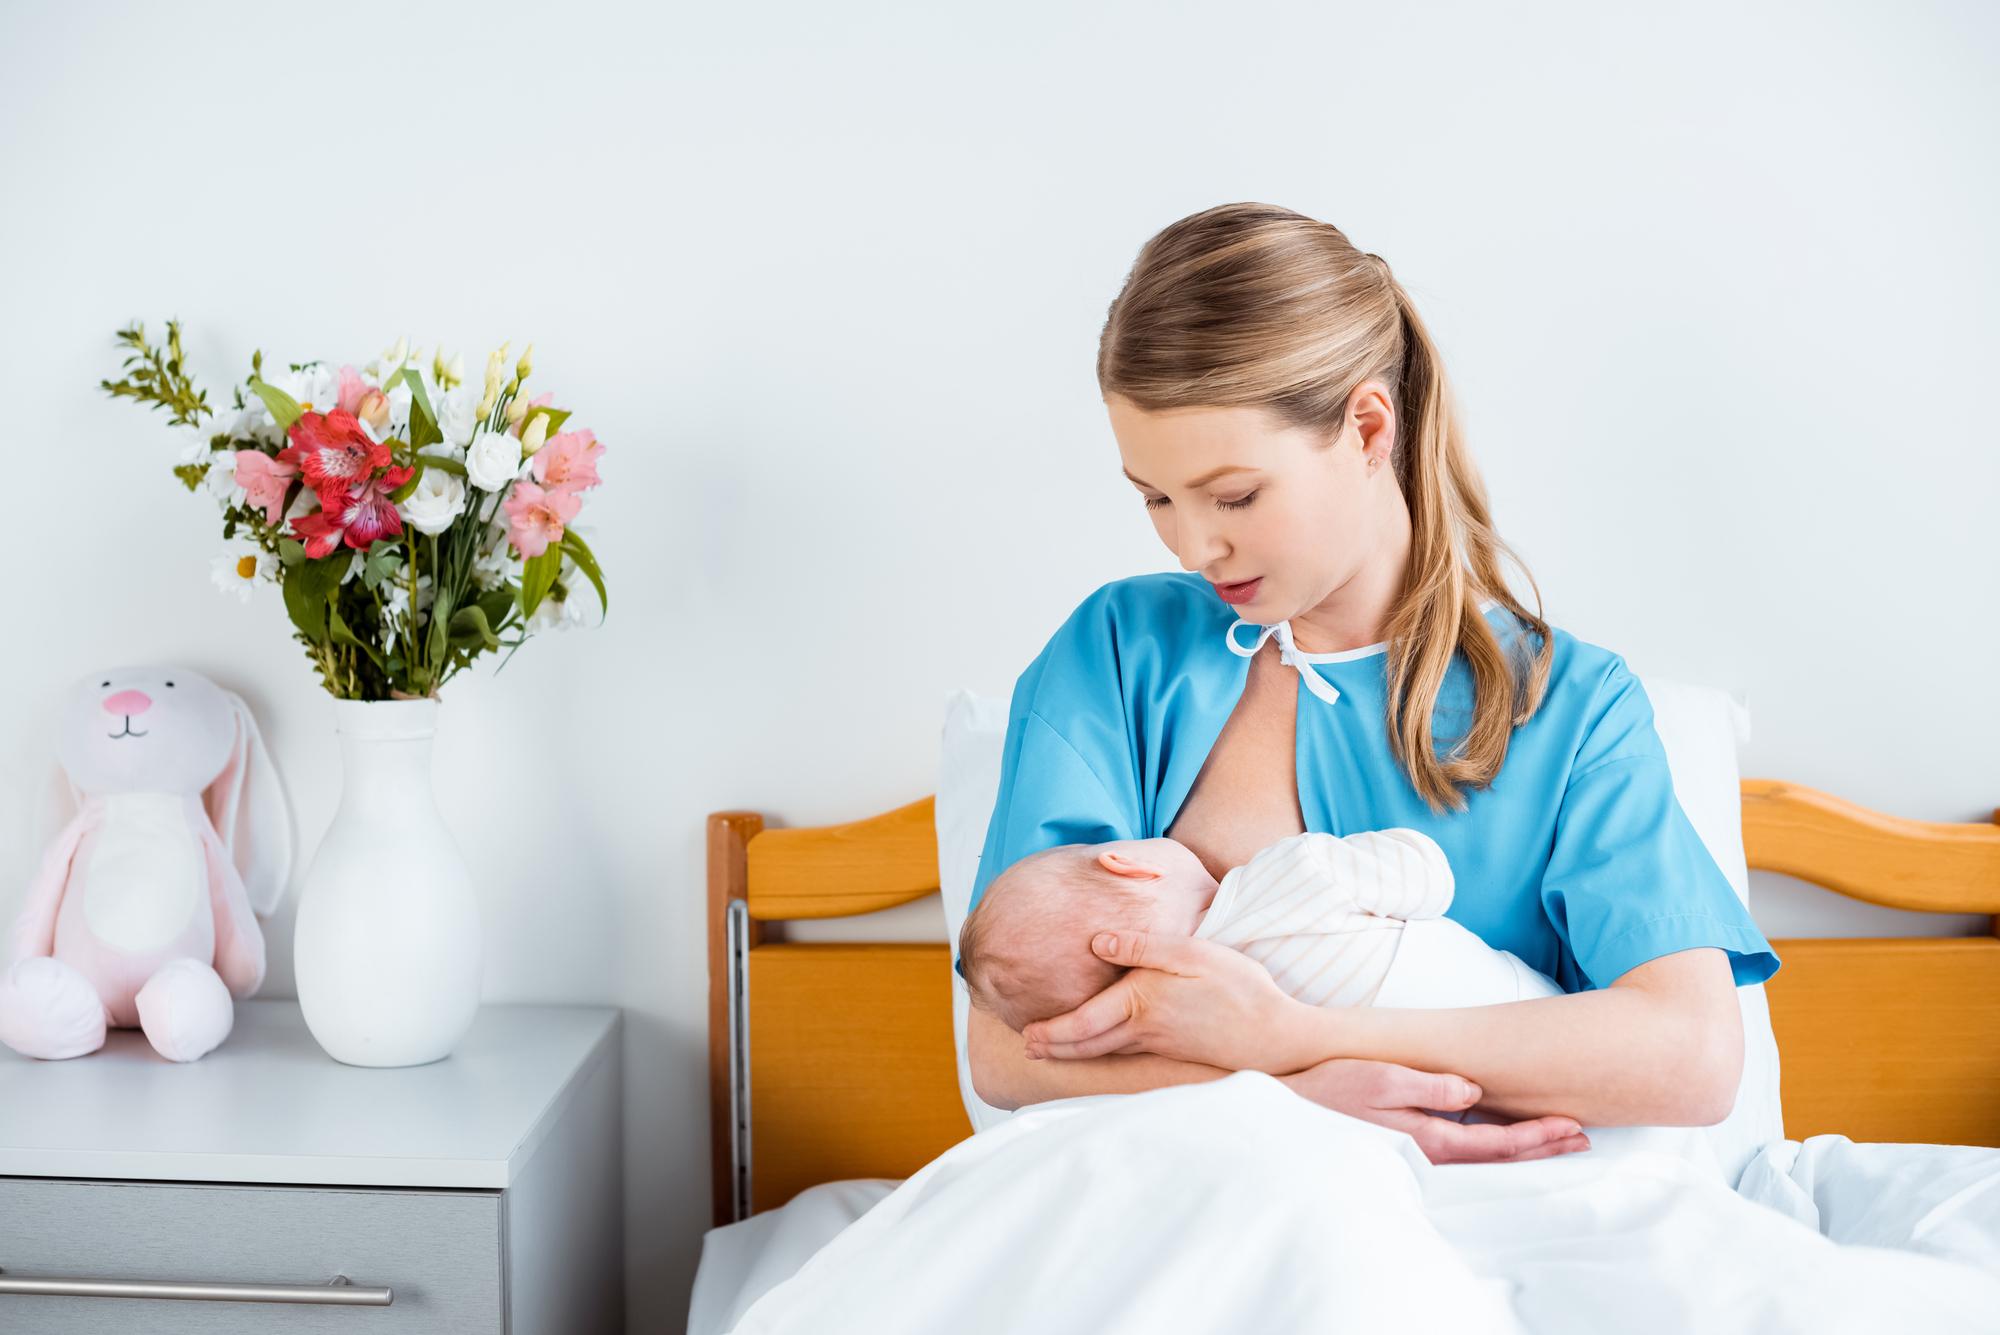 I maminky v porodnici ocení, když na ně myslíte a zašlete jim květinu. Krásné kytice doručí Fleurop.